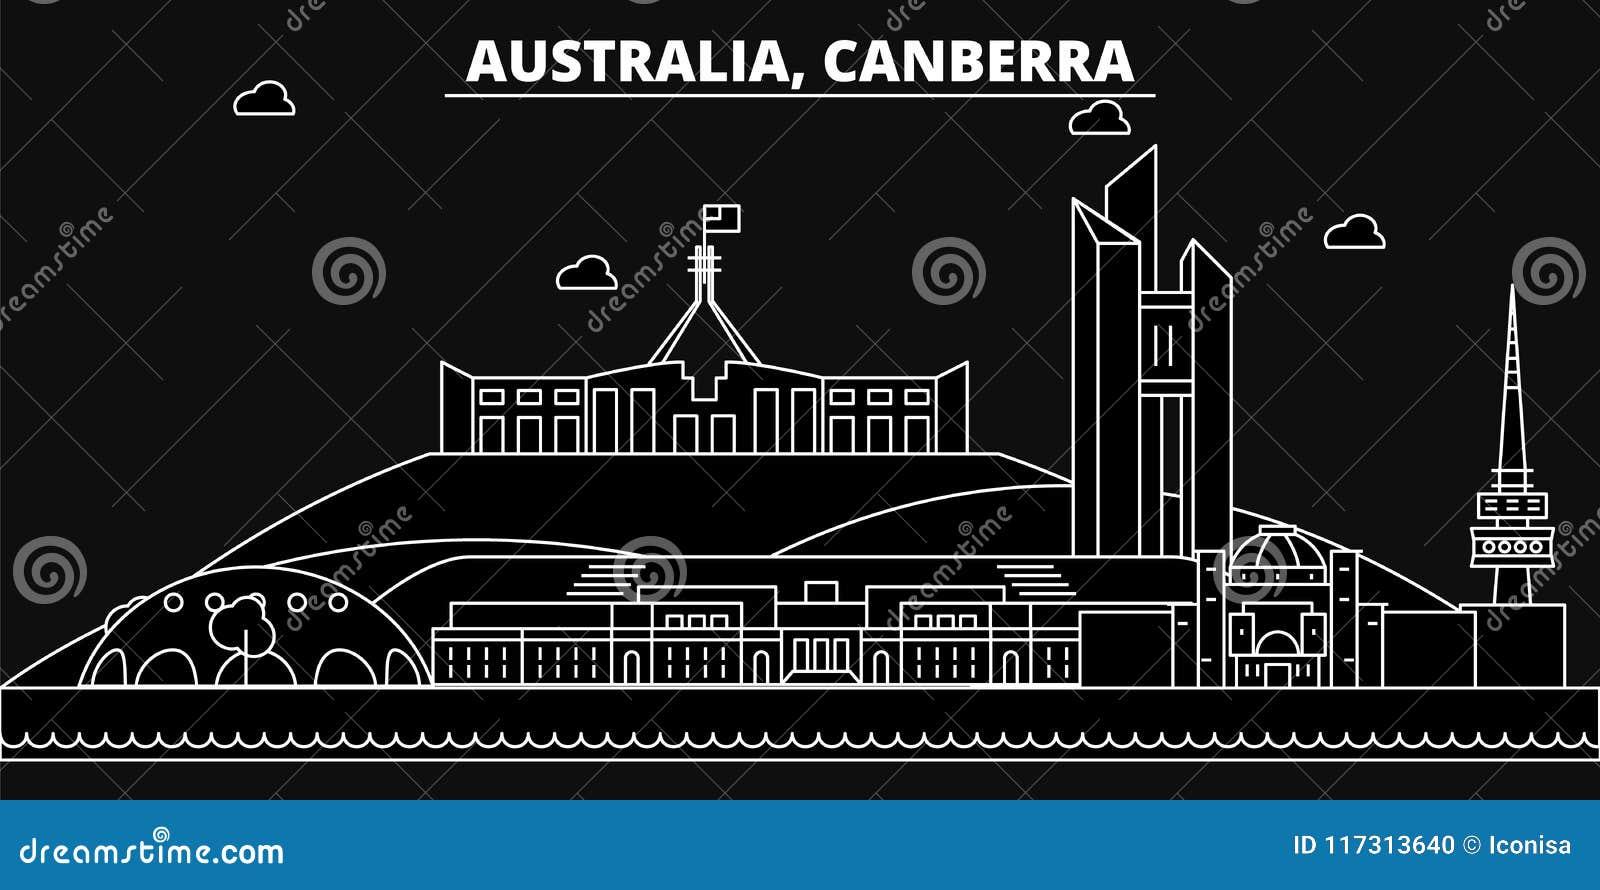 Canberra konturhorisont Australien - Canberra vektorstad, australisk linjär arkitektur, byggnader canberra